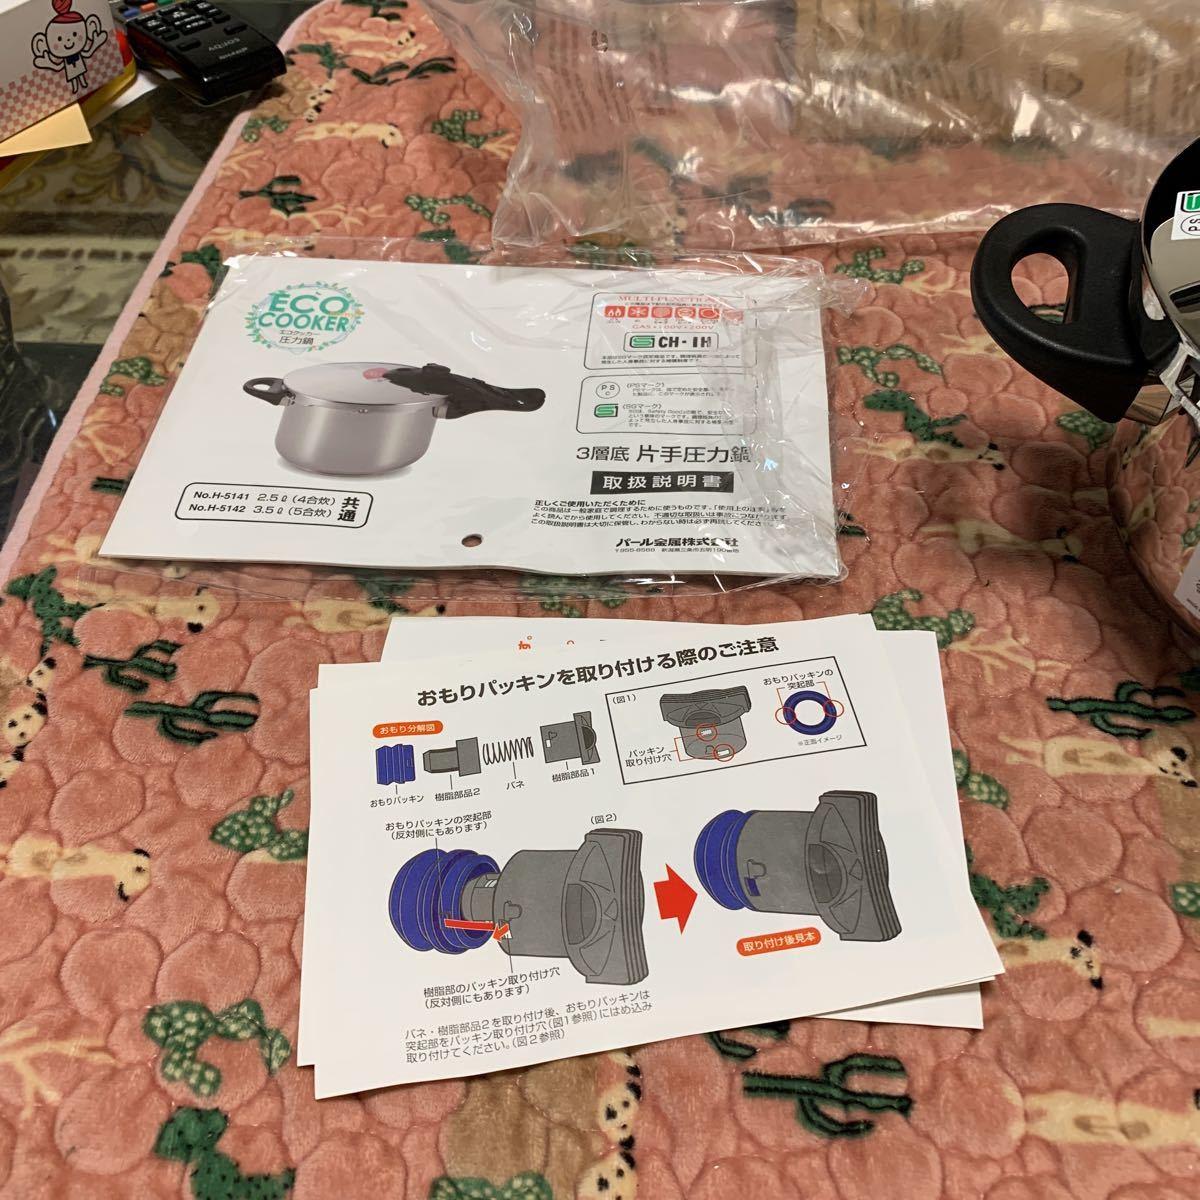 新品エコクッカー 3層底 片手圧力鍋 2.5L NO:H-5141(開封未使用品)_画像3